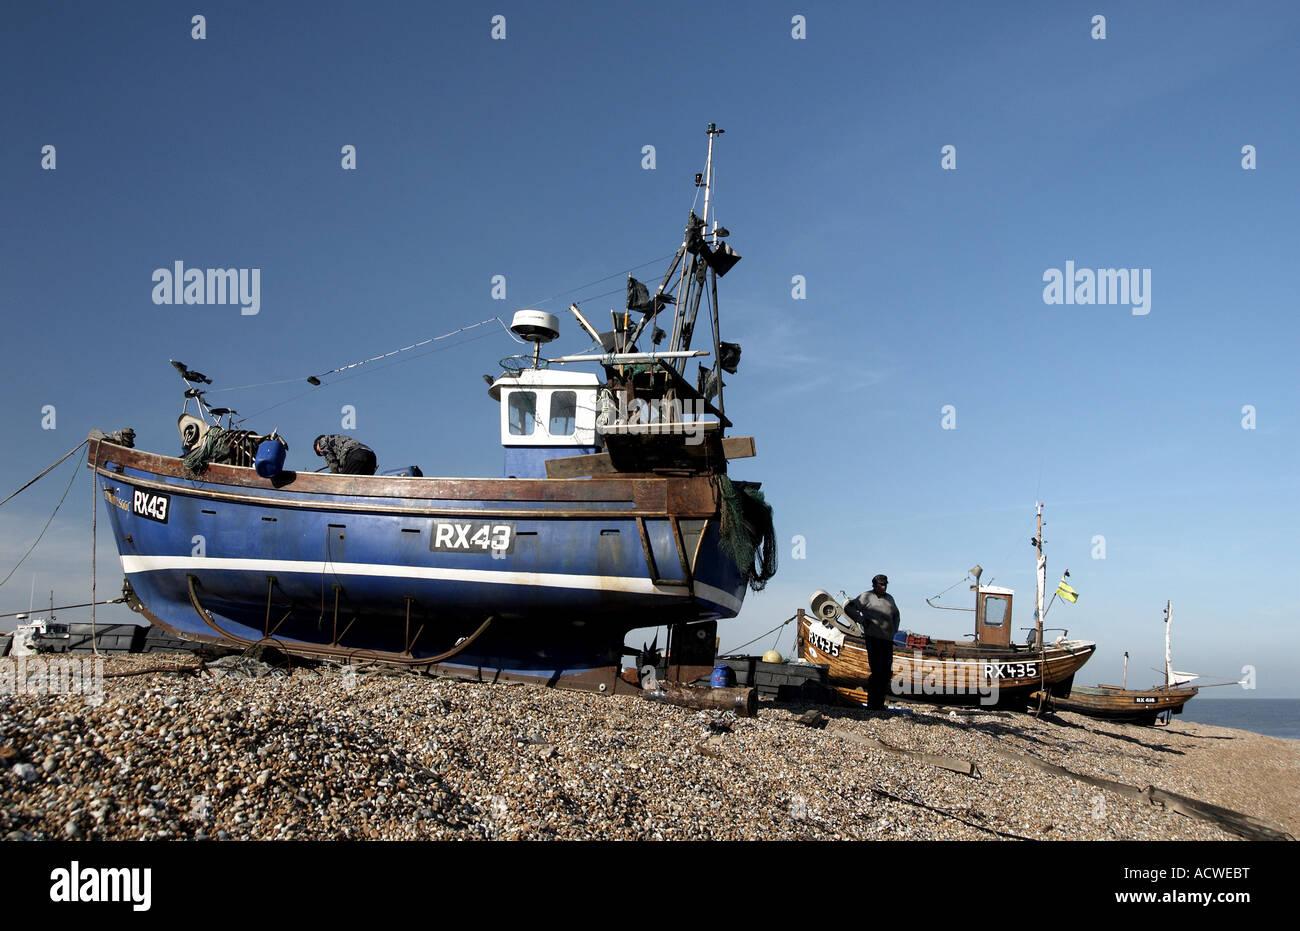 Boats at Dungeness, Kent, UK - Stock Image